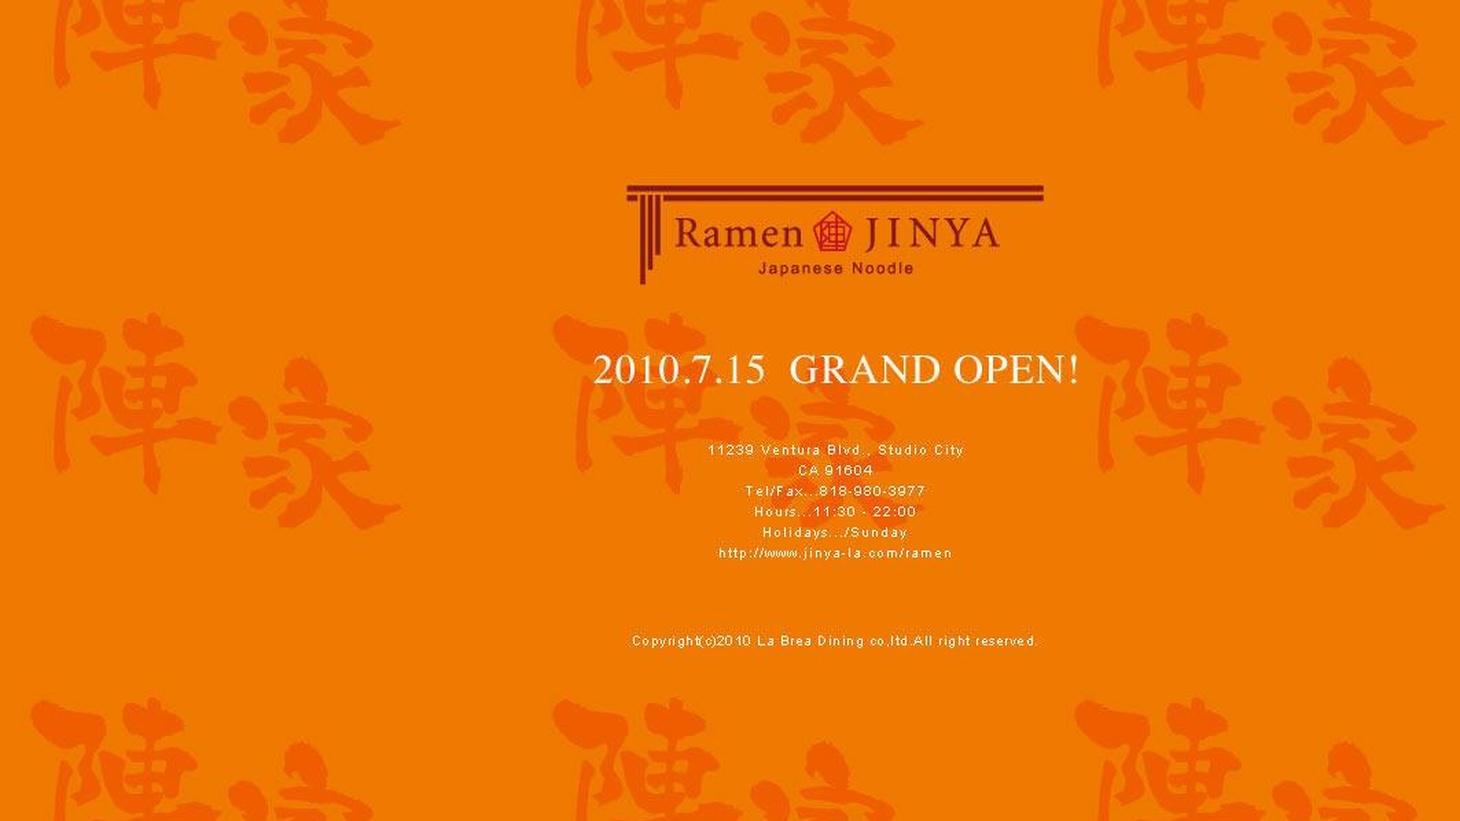 Jonathan Gold reviews Jinya Ramen in Studio City. He likes the gyoza, the tonkatsu ramen and the house ramen.